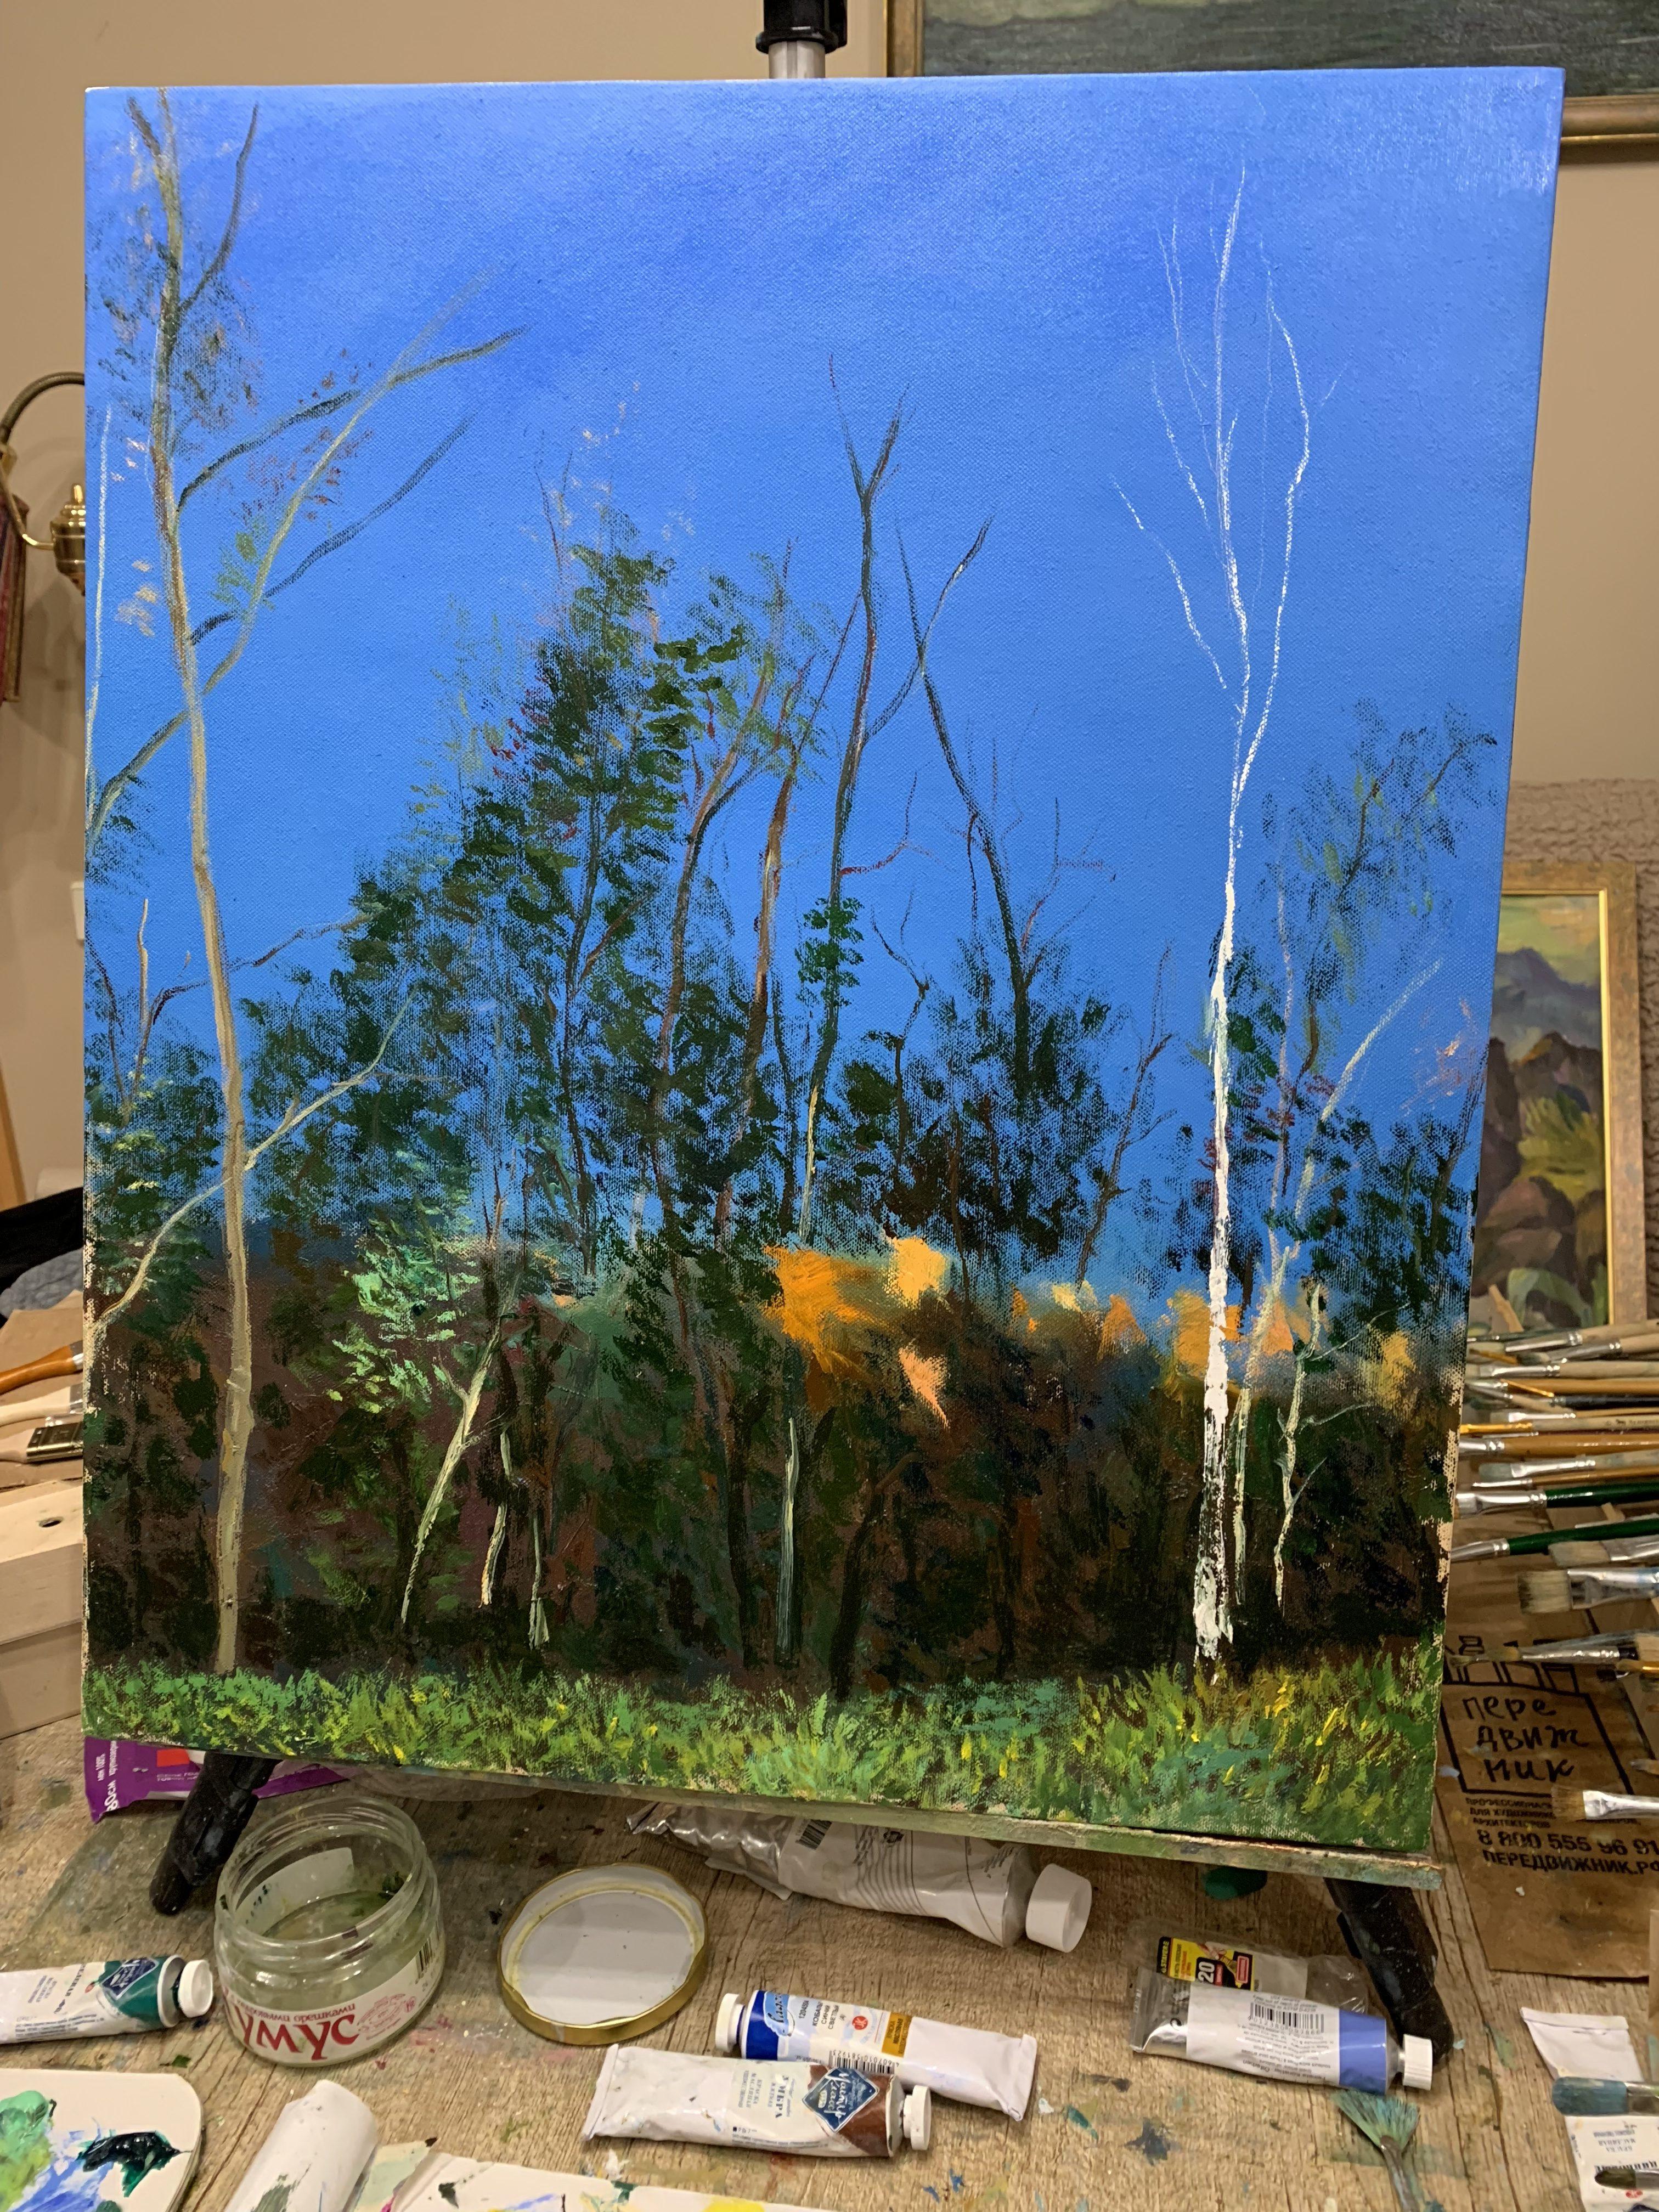 пейзаж осень лес Покровское Стрешнево деревья картина маслом художник Альберт Сафиуллин